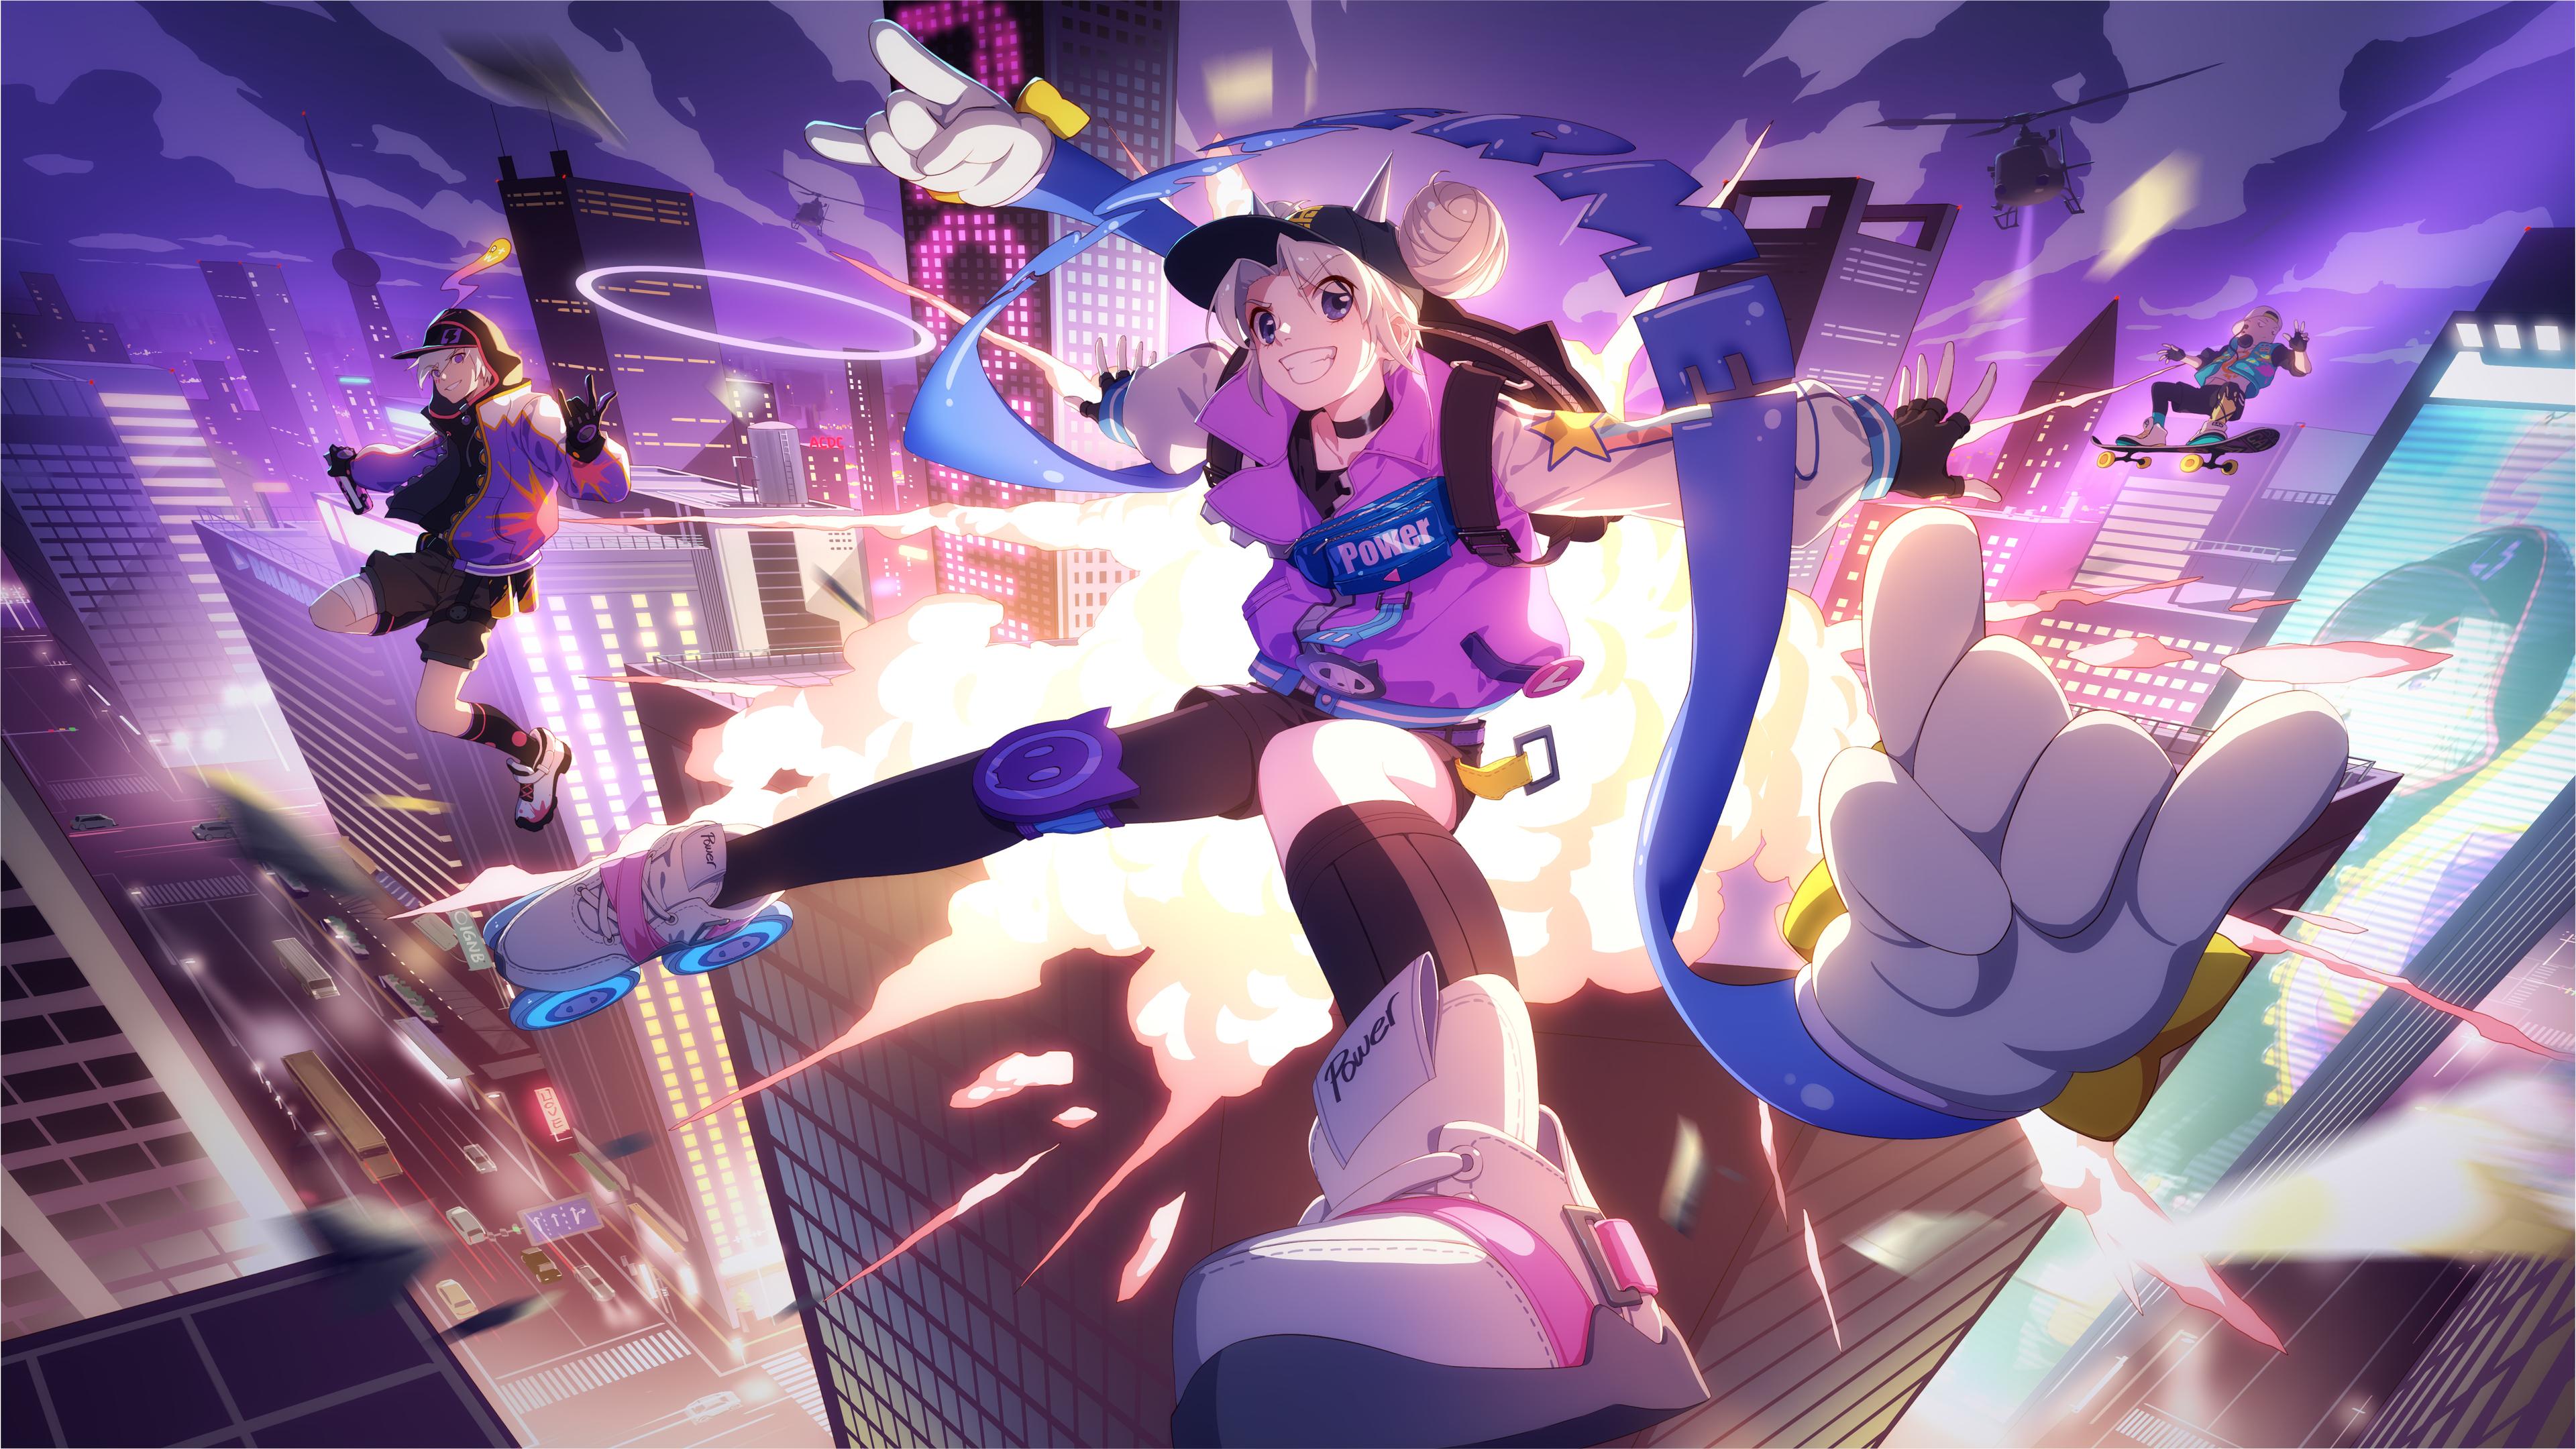 anime sneaker girl illustration 4k 1548527598 - Anime Sneaker Girl Illustration 4k - hd-wallpapers, digital art wallpapers, artwork wallpapers, artist wallpapers, anime wallpapers, anime girl wallpapers, 5k wallpapers, 4k-wallpapers